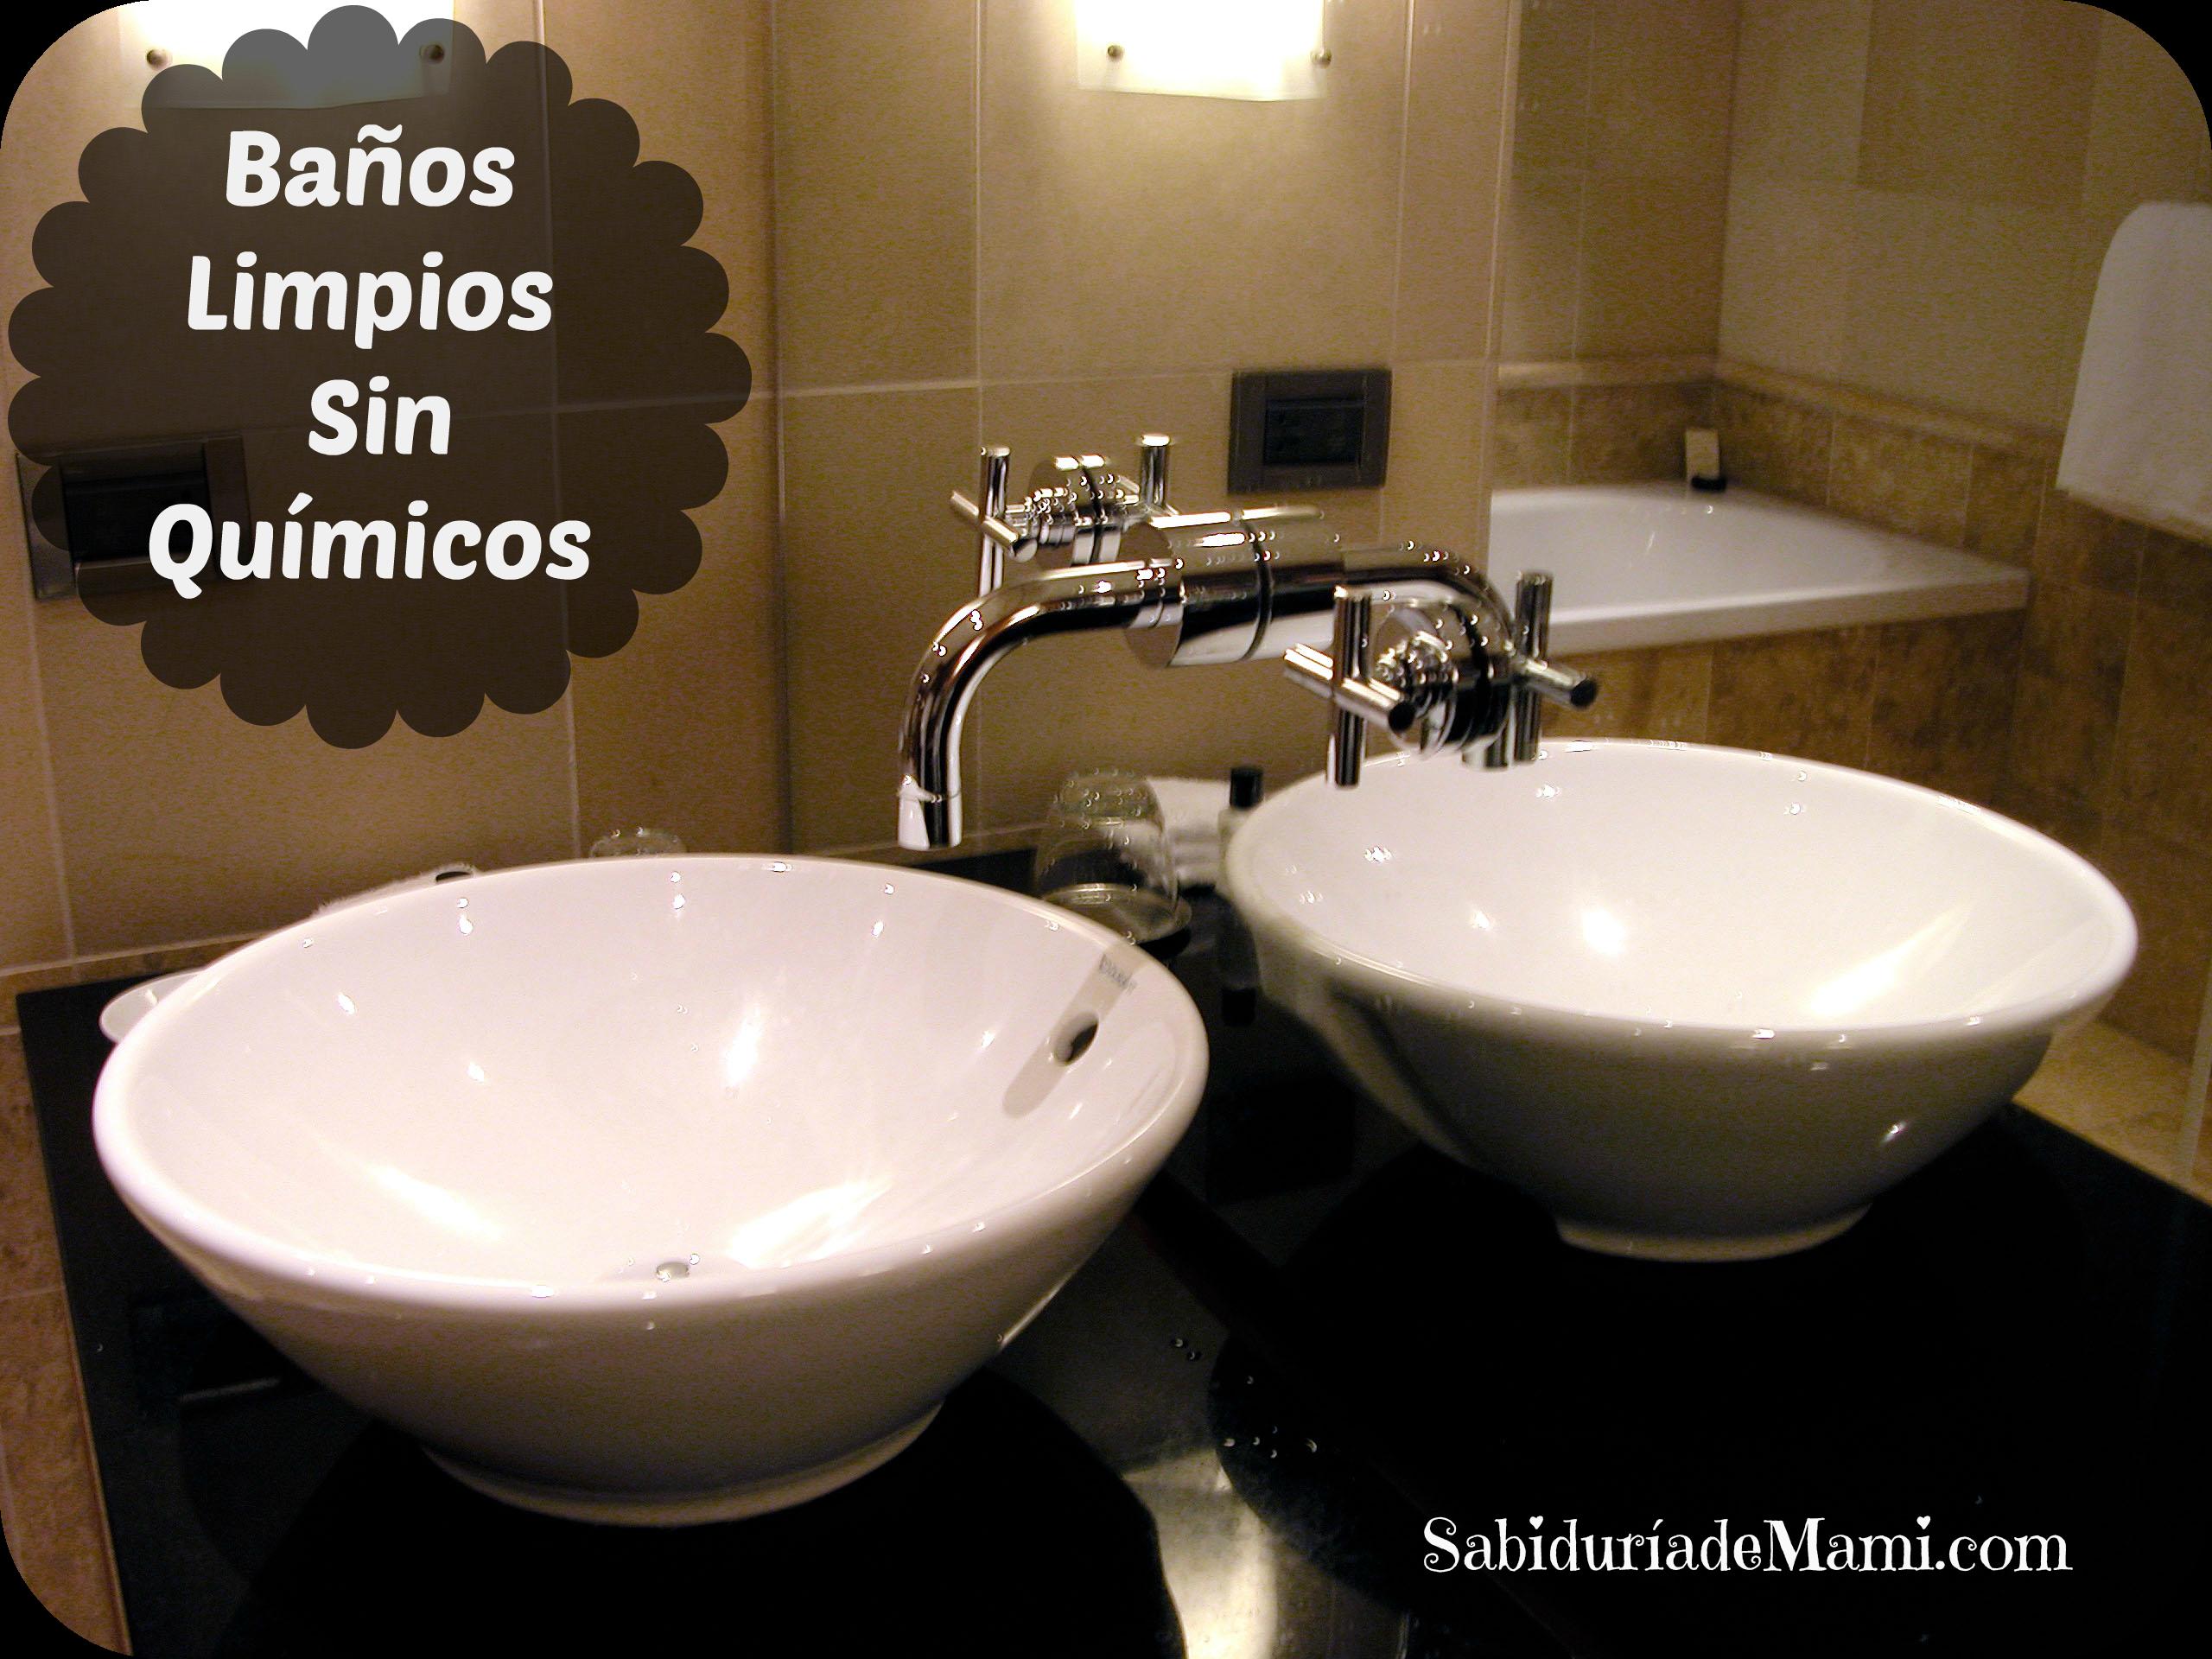 Que Es Un Baño Quimico:Limpia los Baños sin Químicos en 1, 2, 3